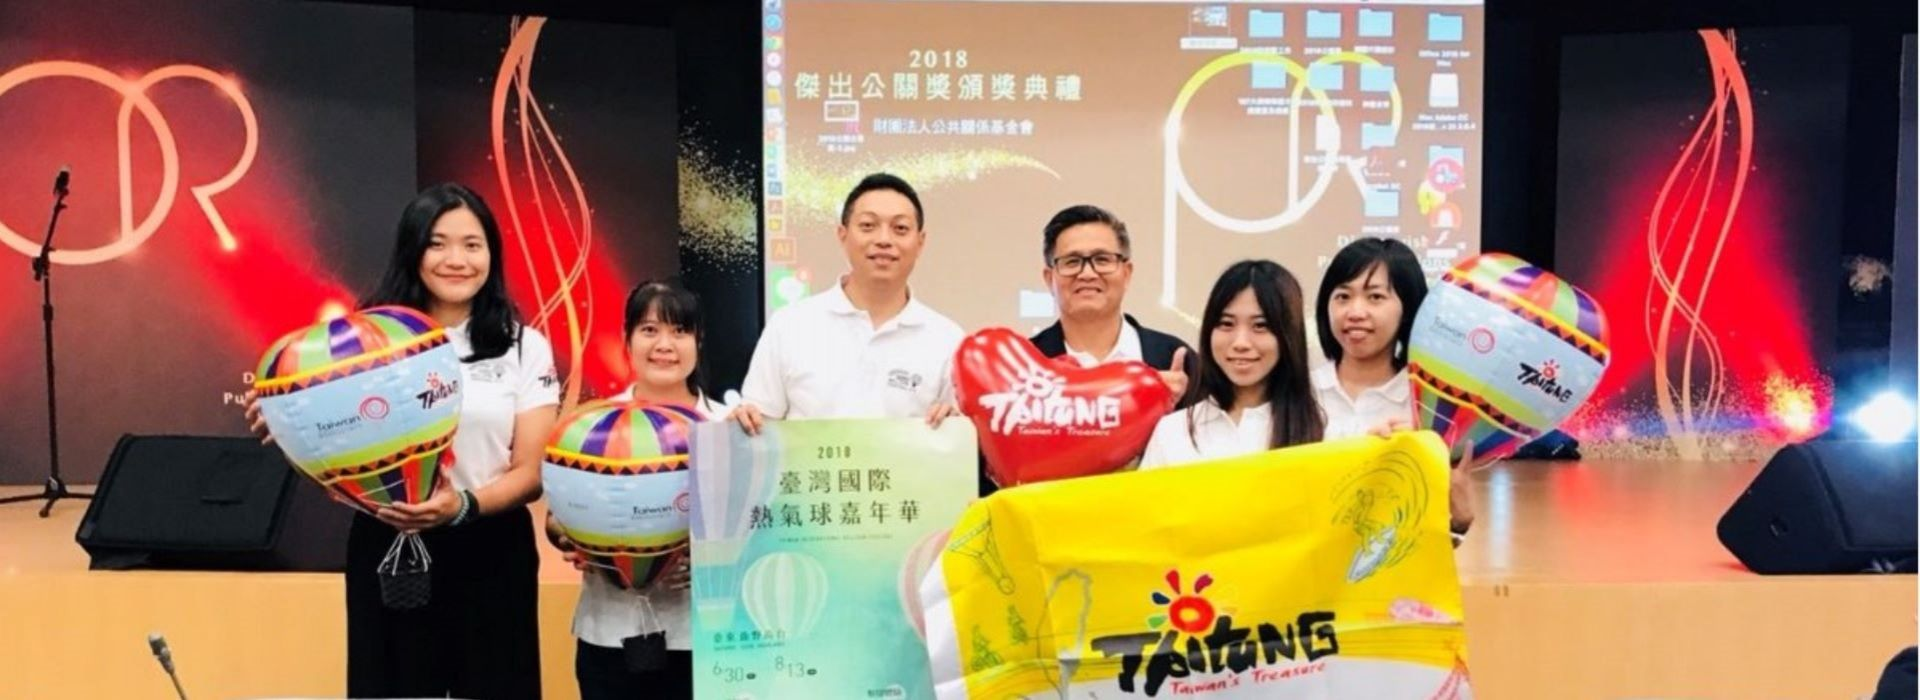 臺東縣政府奪2018傑出公關獎